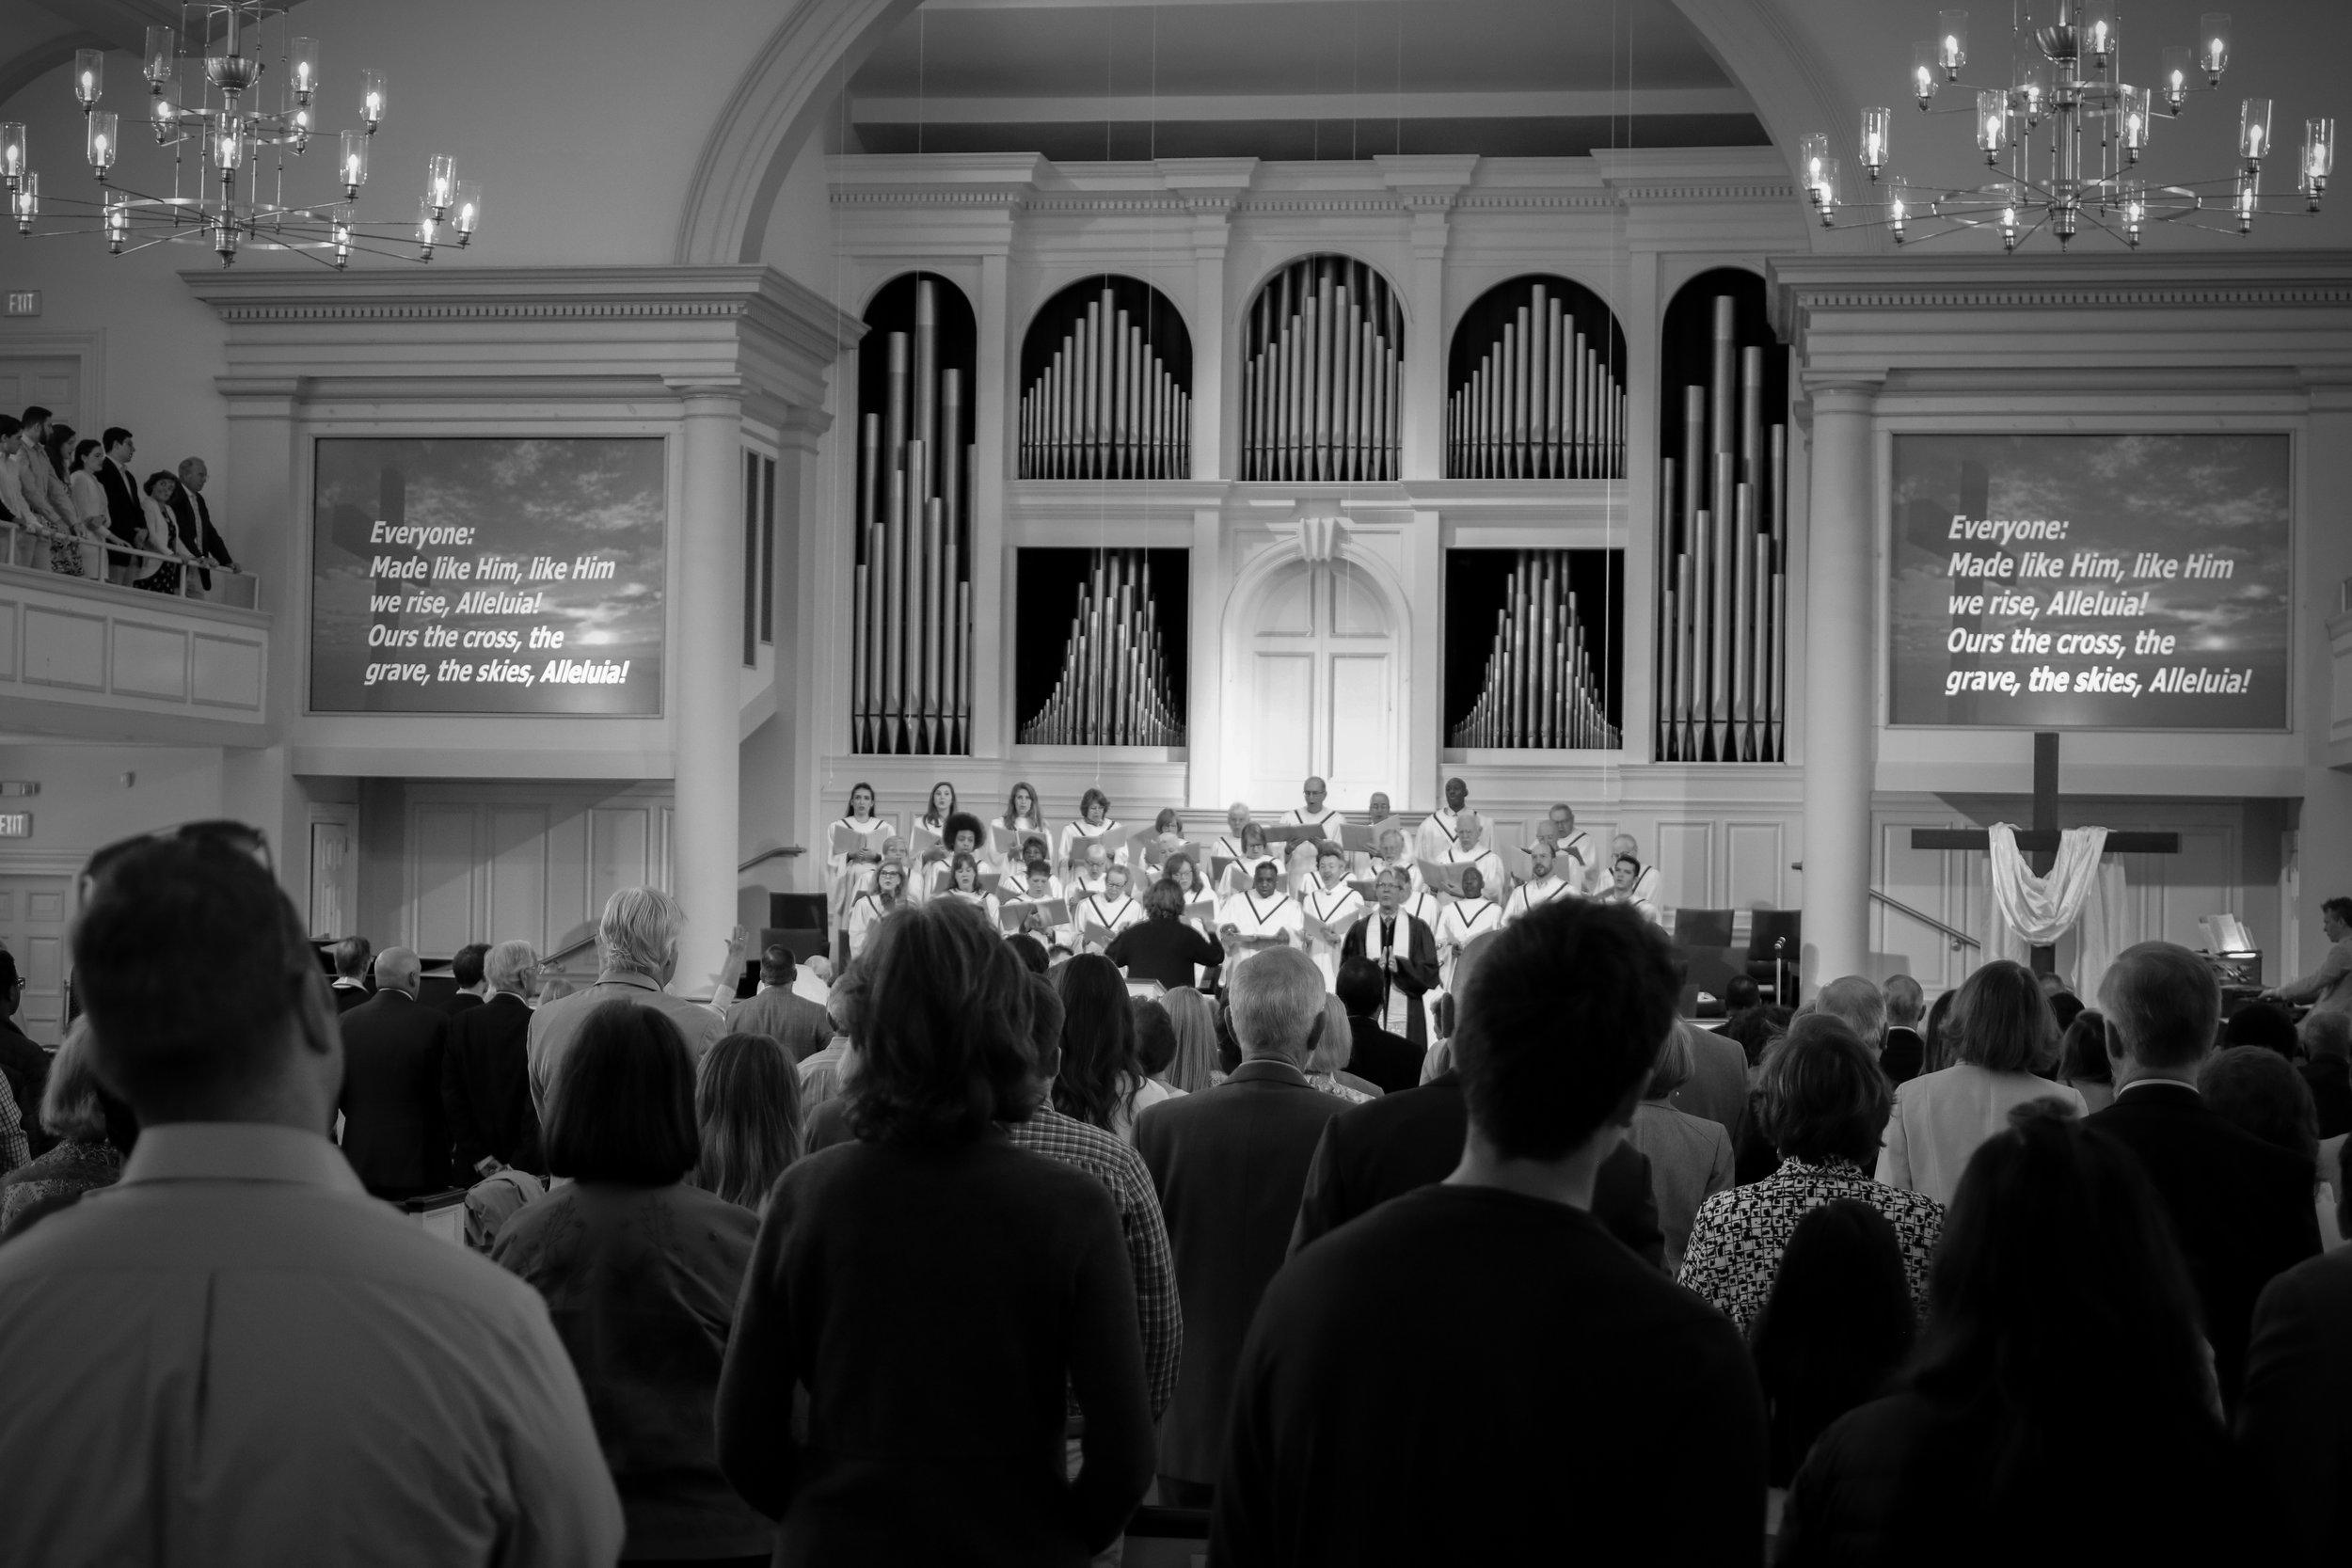 first-baptist-church-decatur-easter-2019-1-bw.jpg